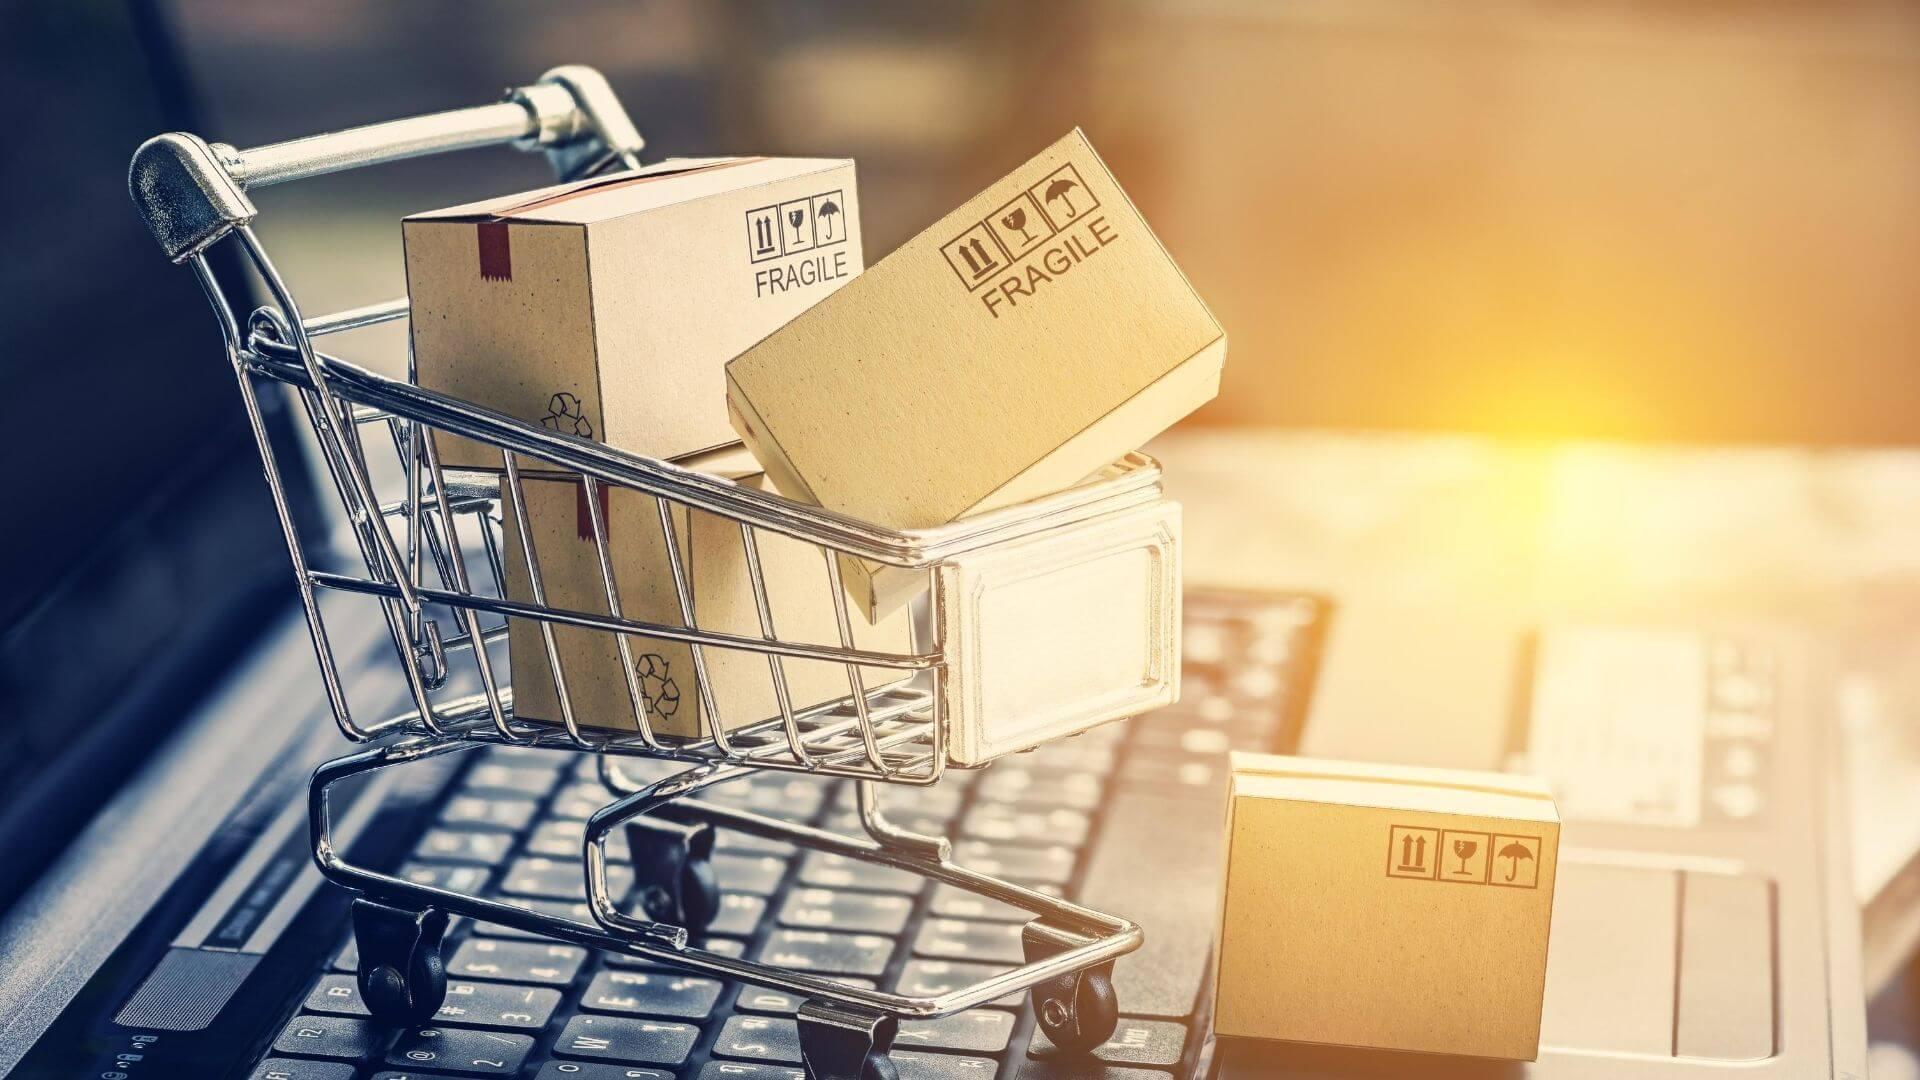 ¿Qué es un marketplace?